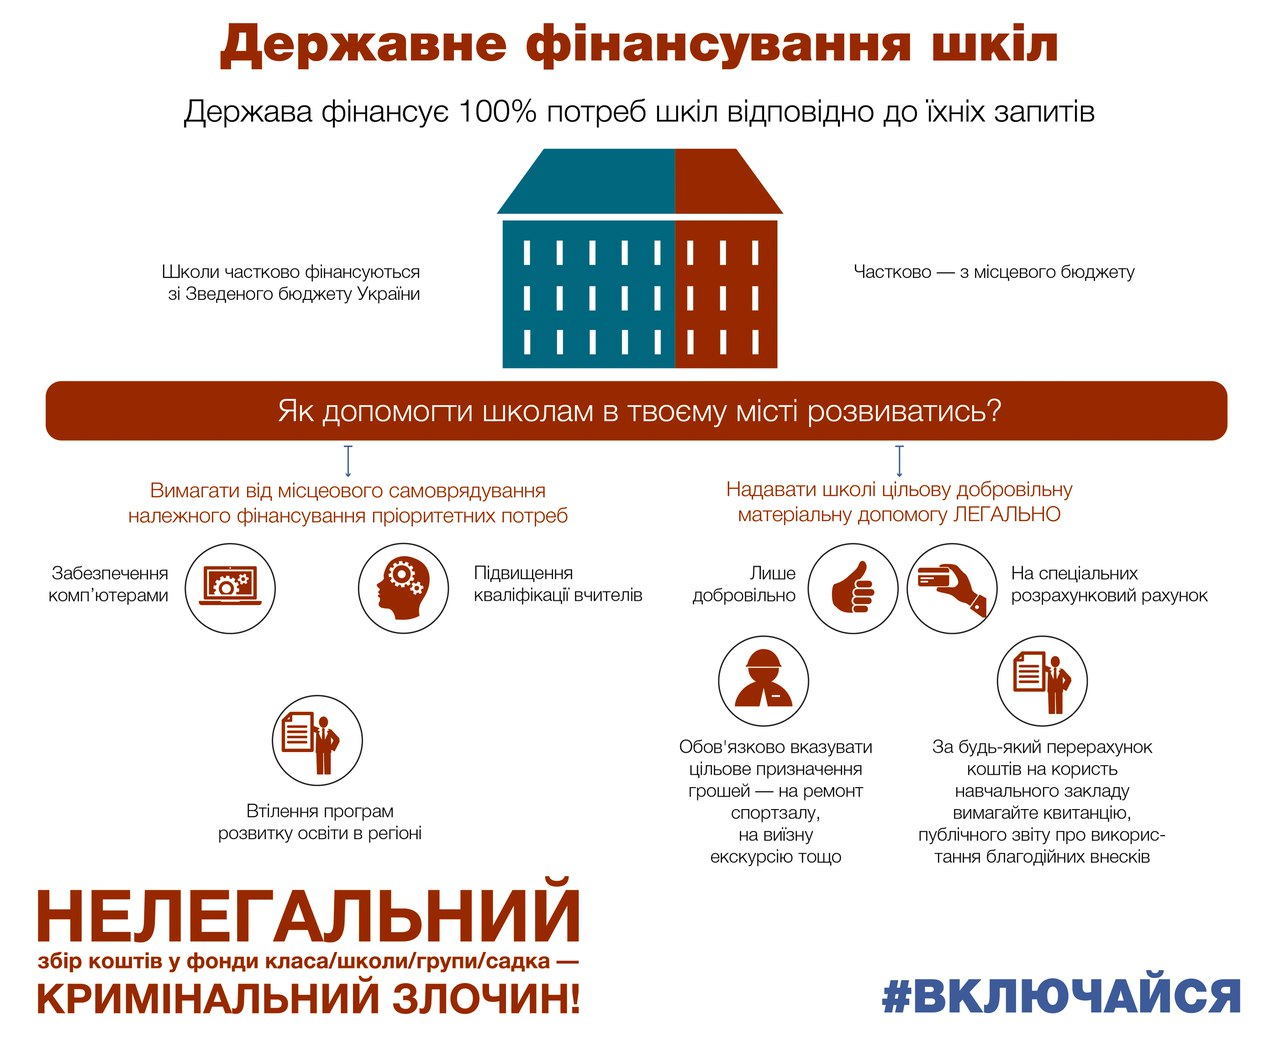 Включайся: во Львове родителей призывают не поддерживать нелегальный сбор денег в школах